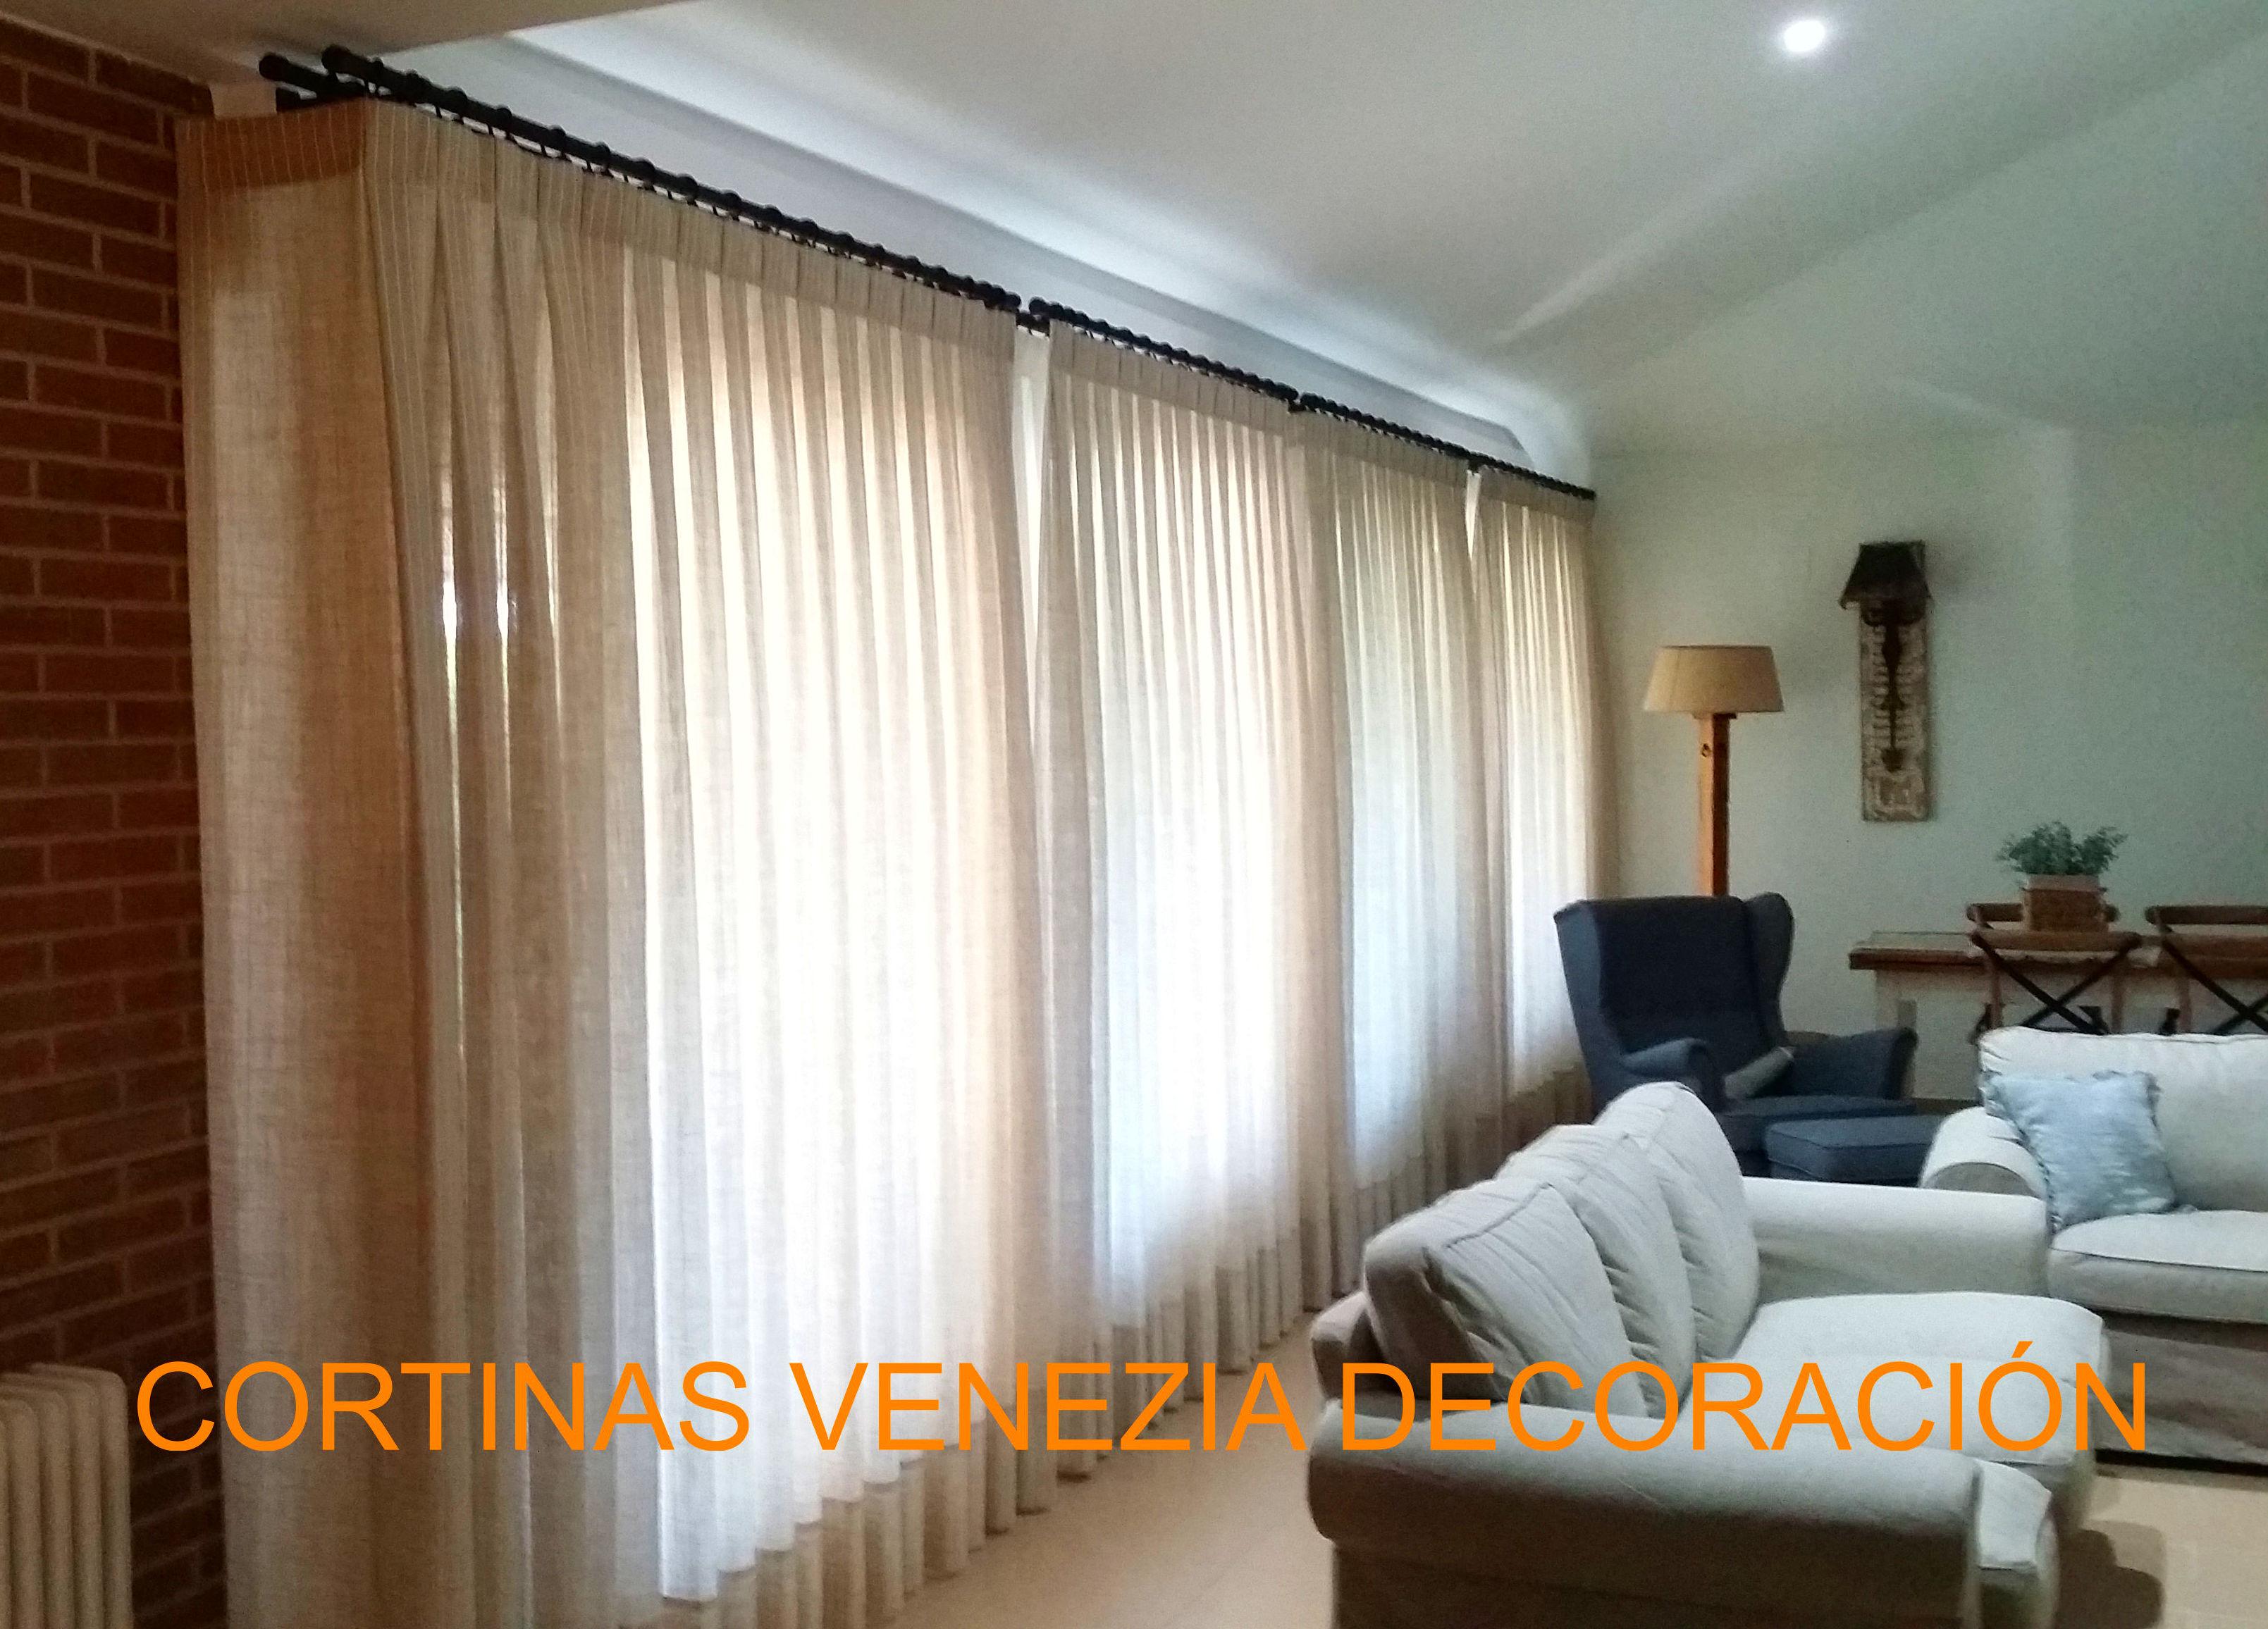 Foto 23 de Cortinas en Albacete | Venezia Decoración